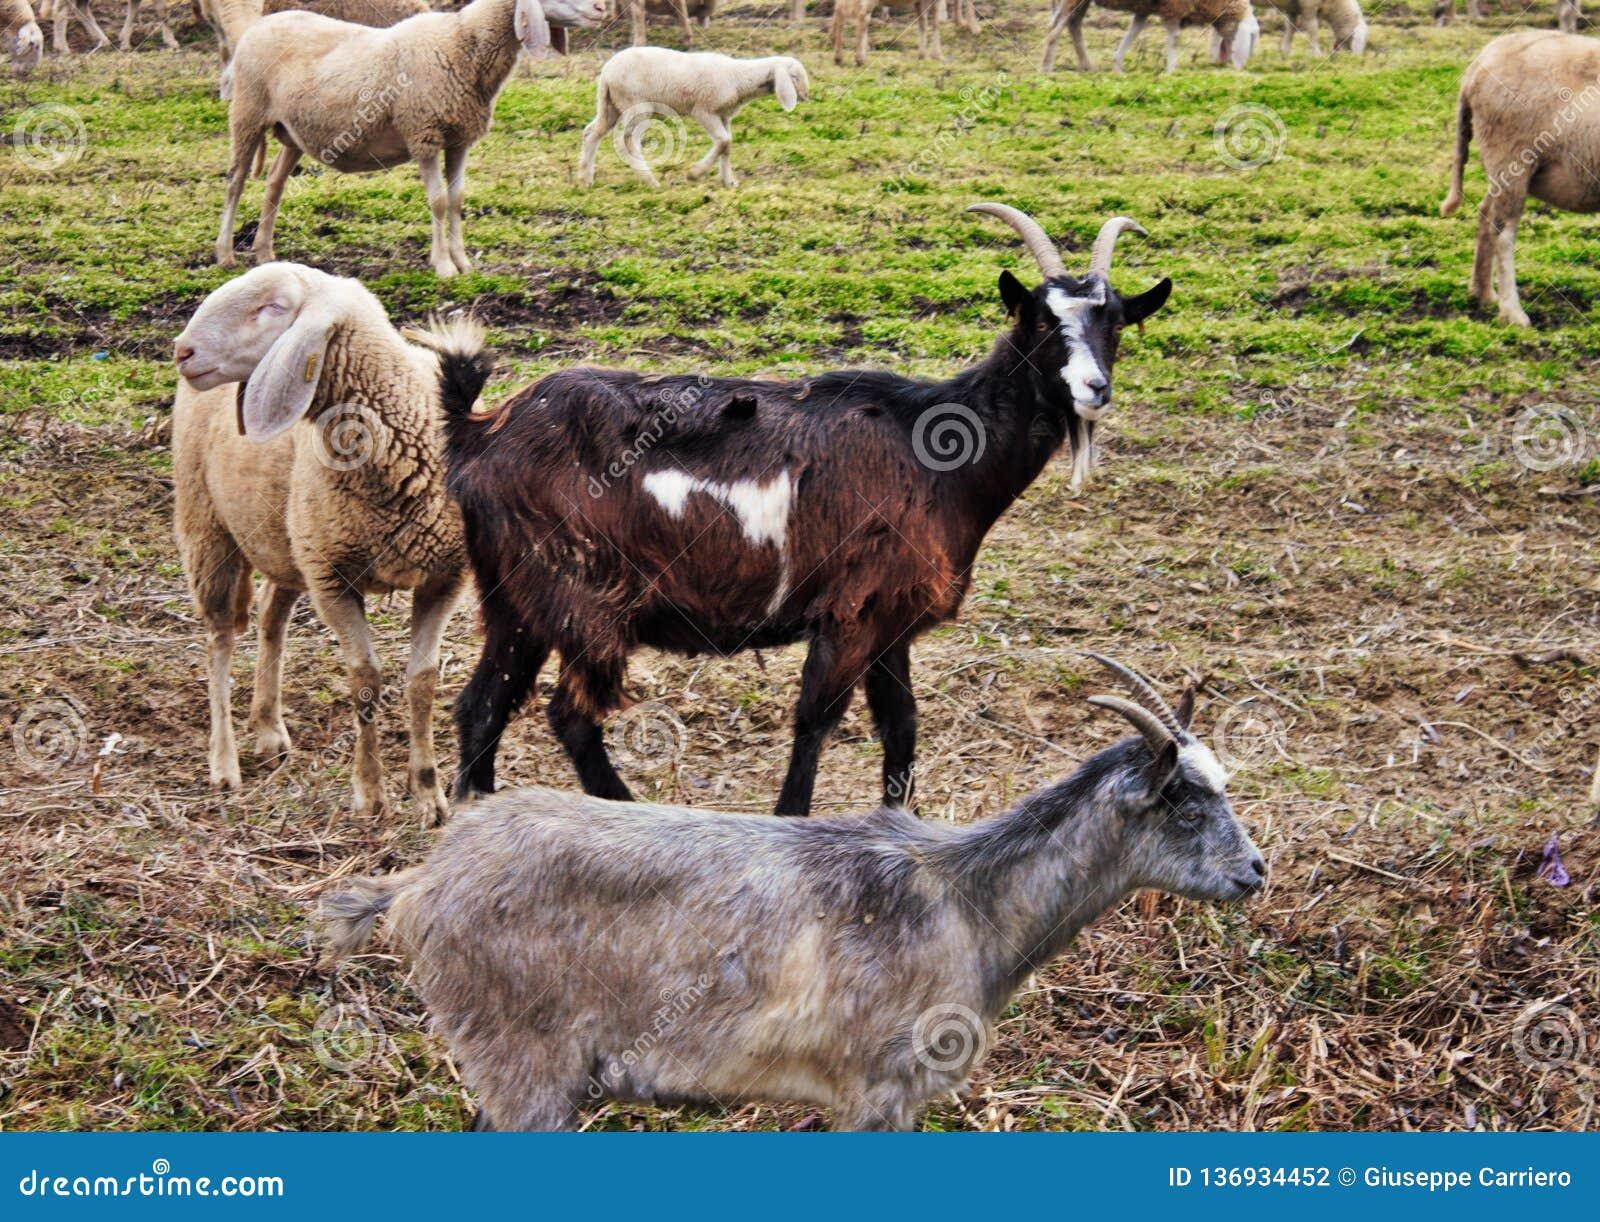 Mueven a la multitud en el valle, las ovejas y las cabras a partir de una área a otra tierra a través drenada